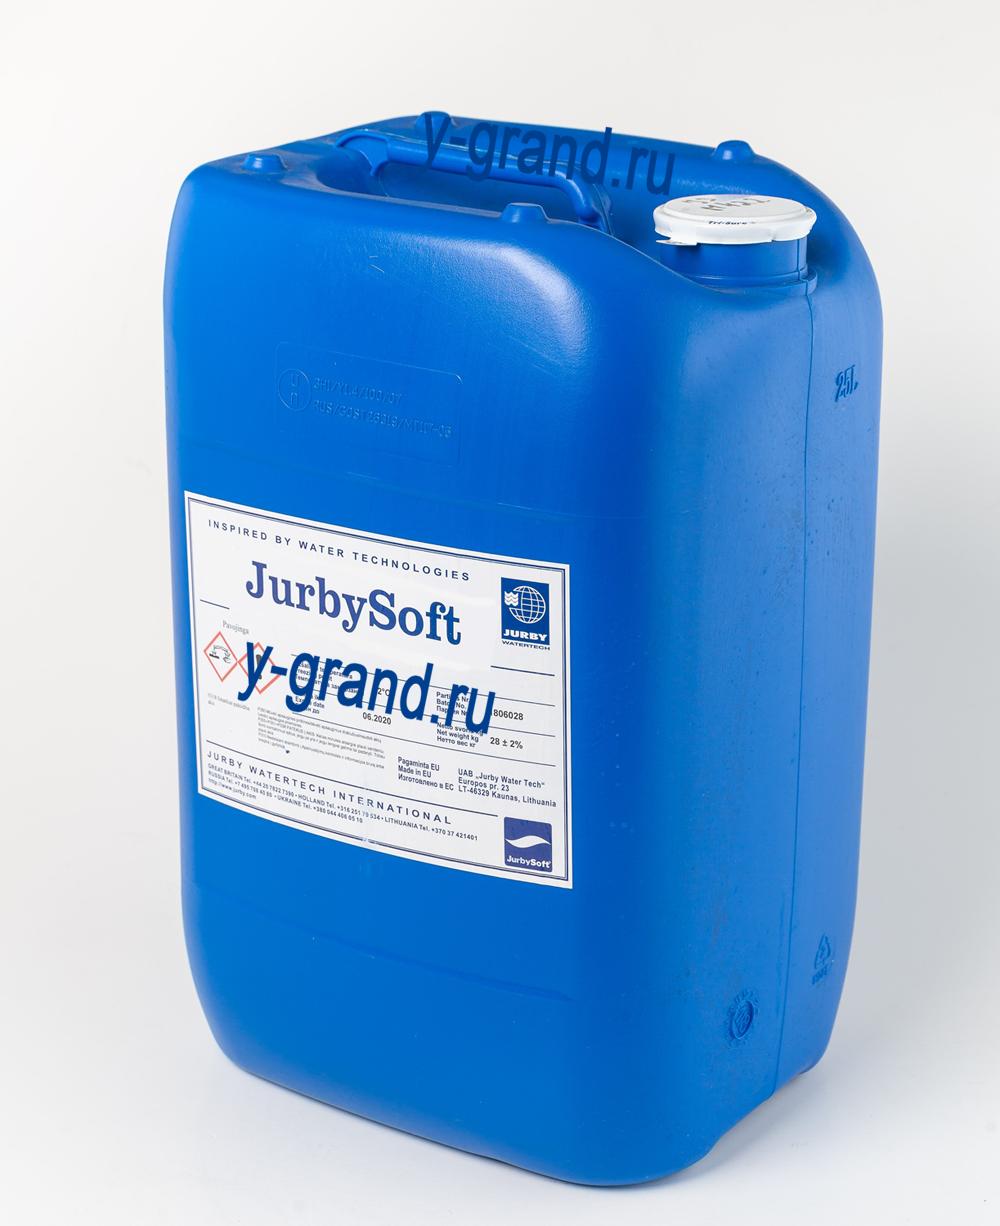 JurbySoft 90-10